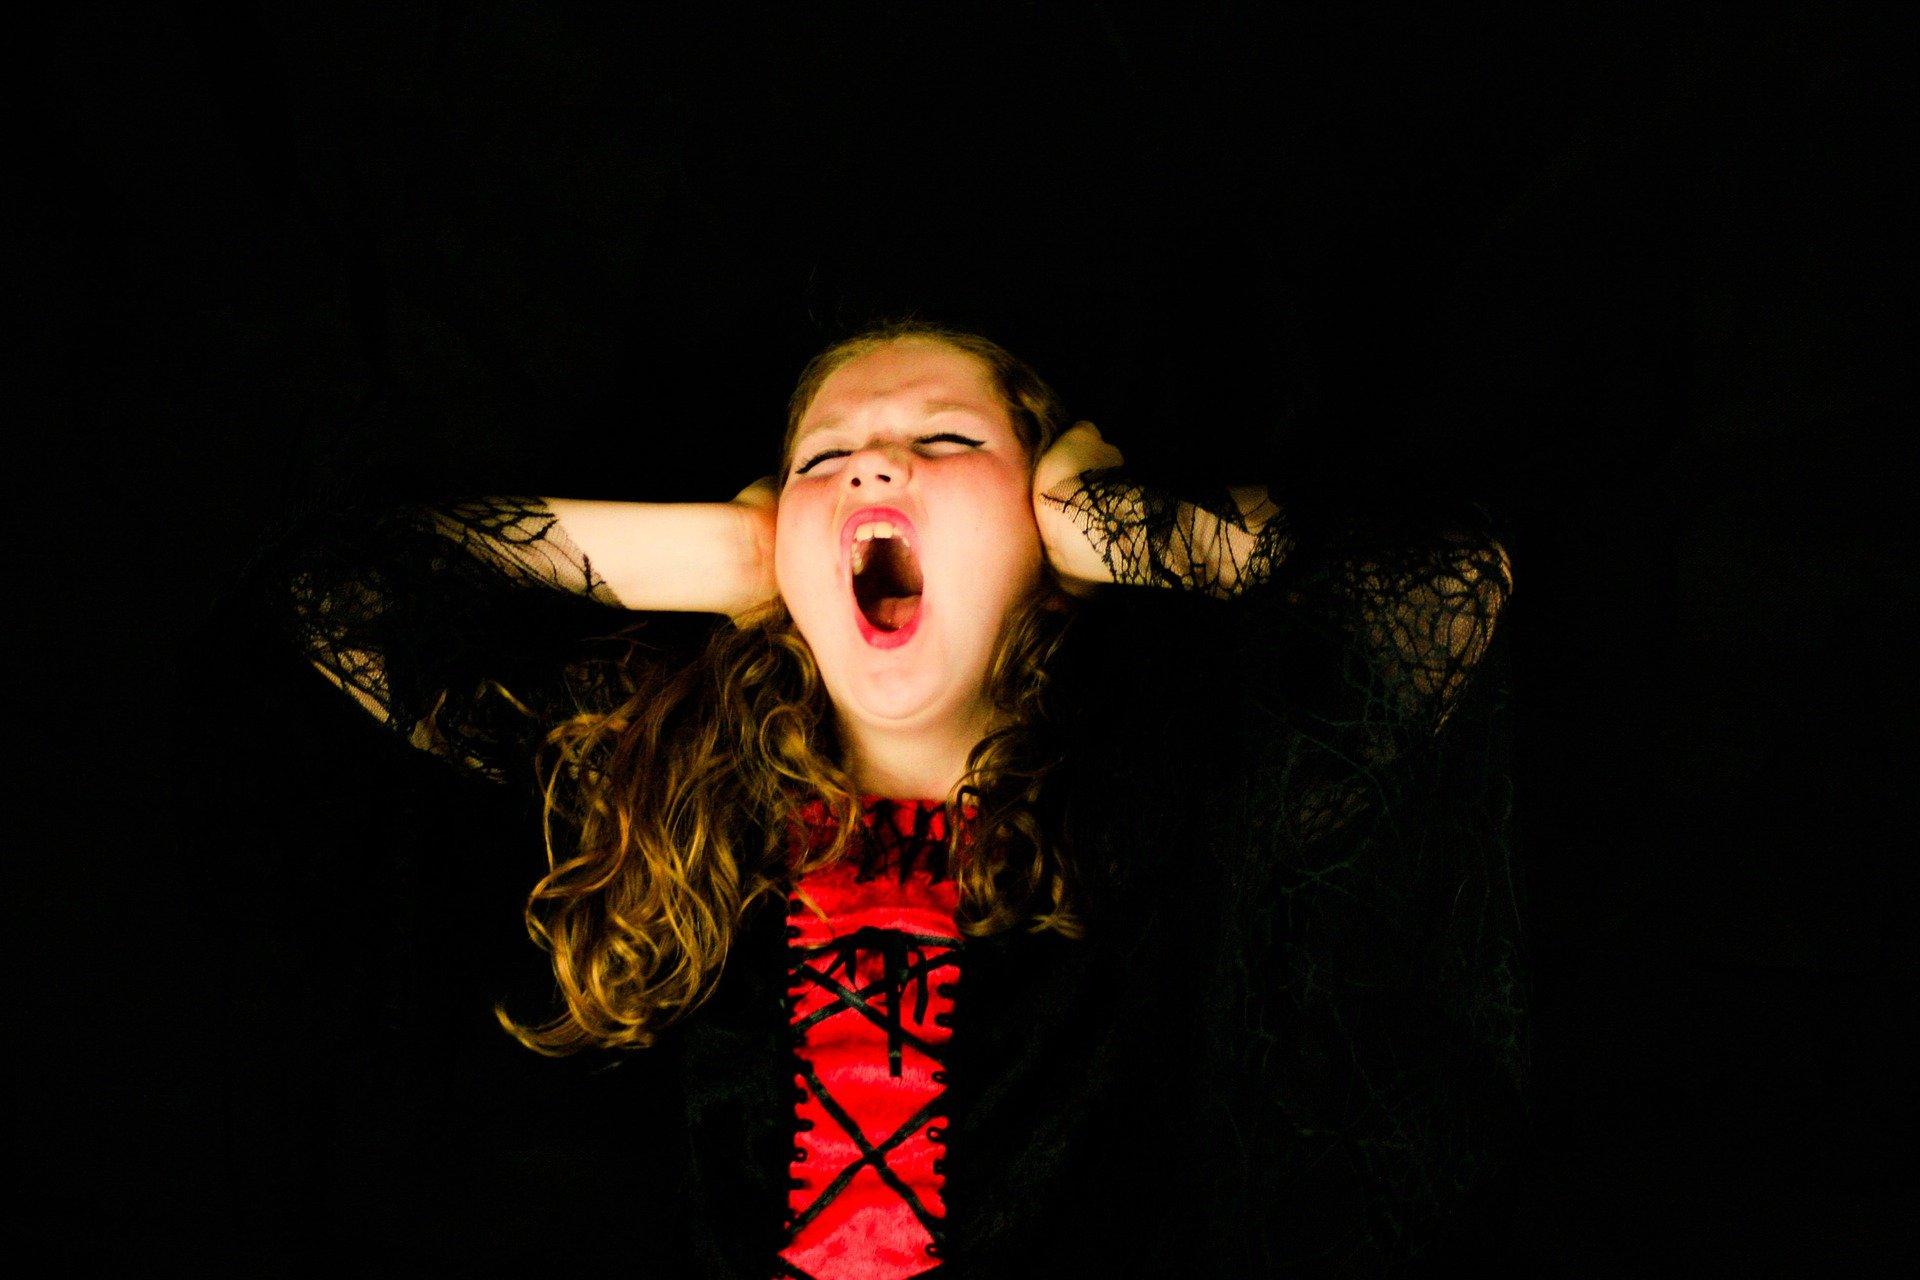 Umgang mit Verhaltensauffälligkeiten bei Kindern und Jugendlichen